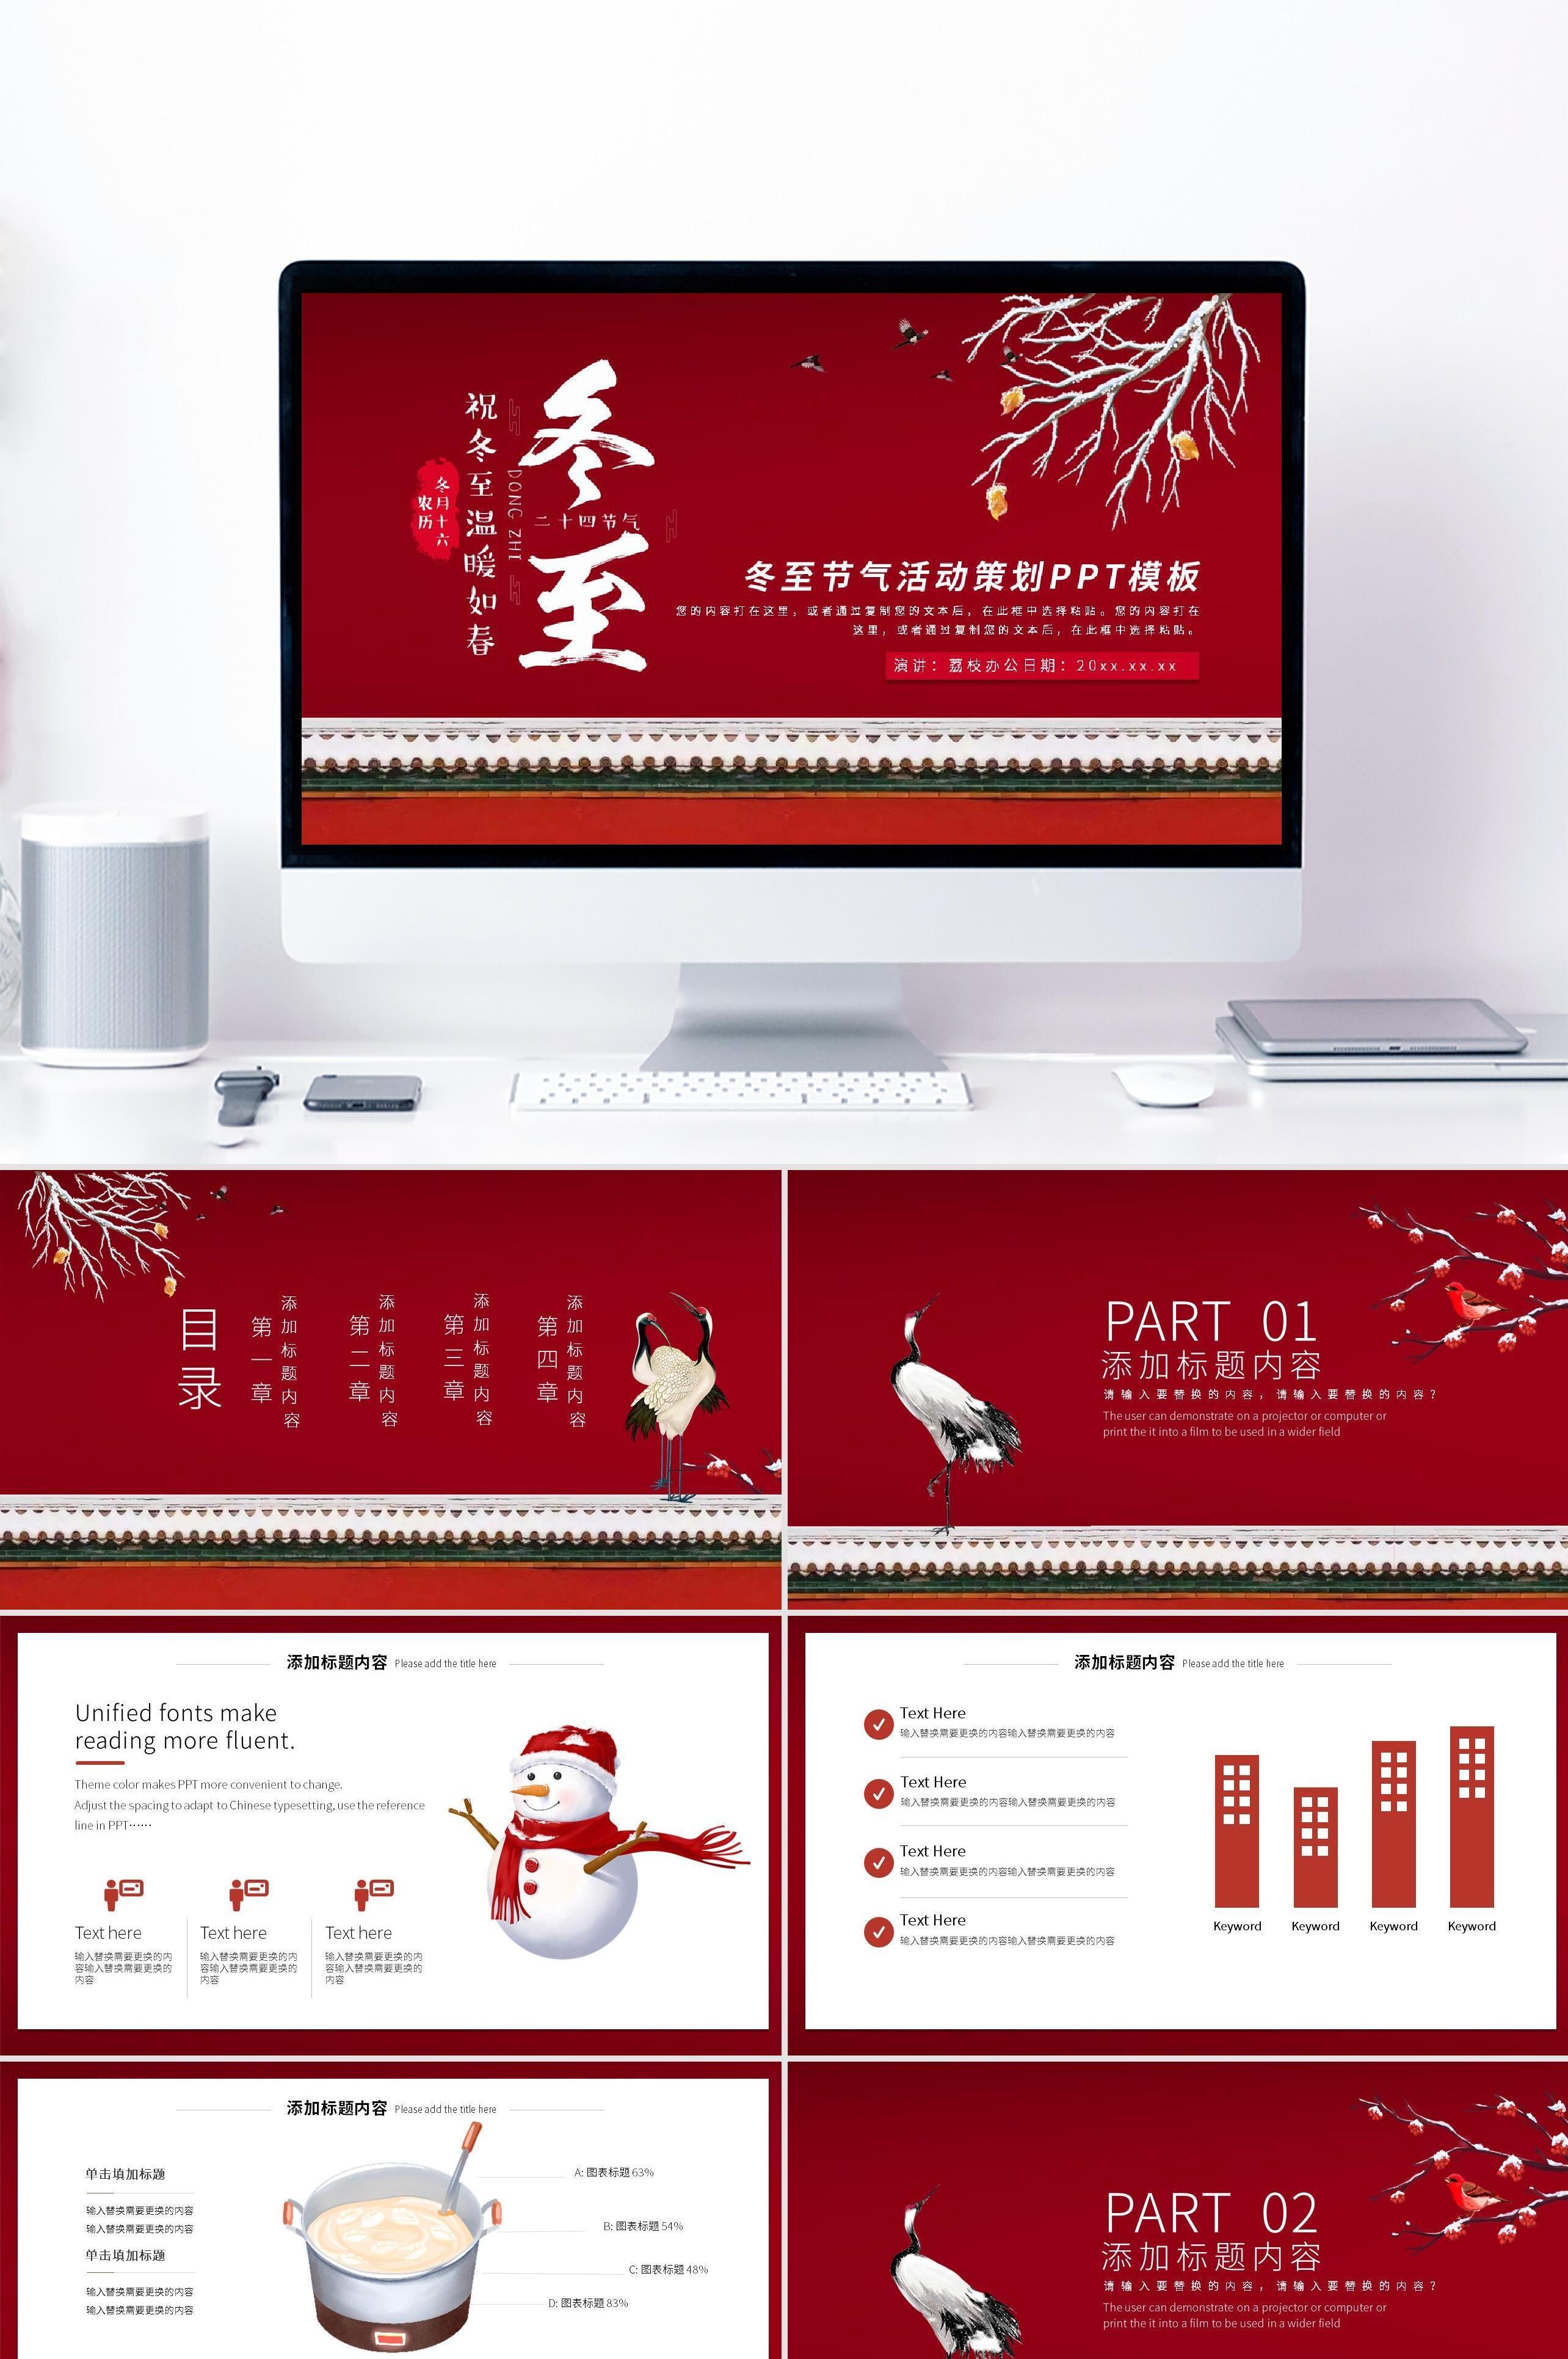 红色插画风冬至节气活动策划PPT模板